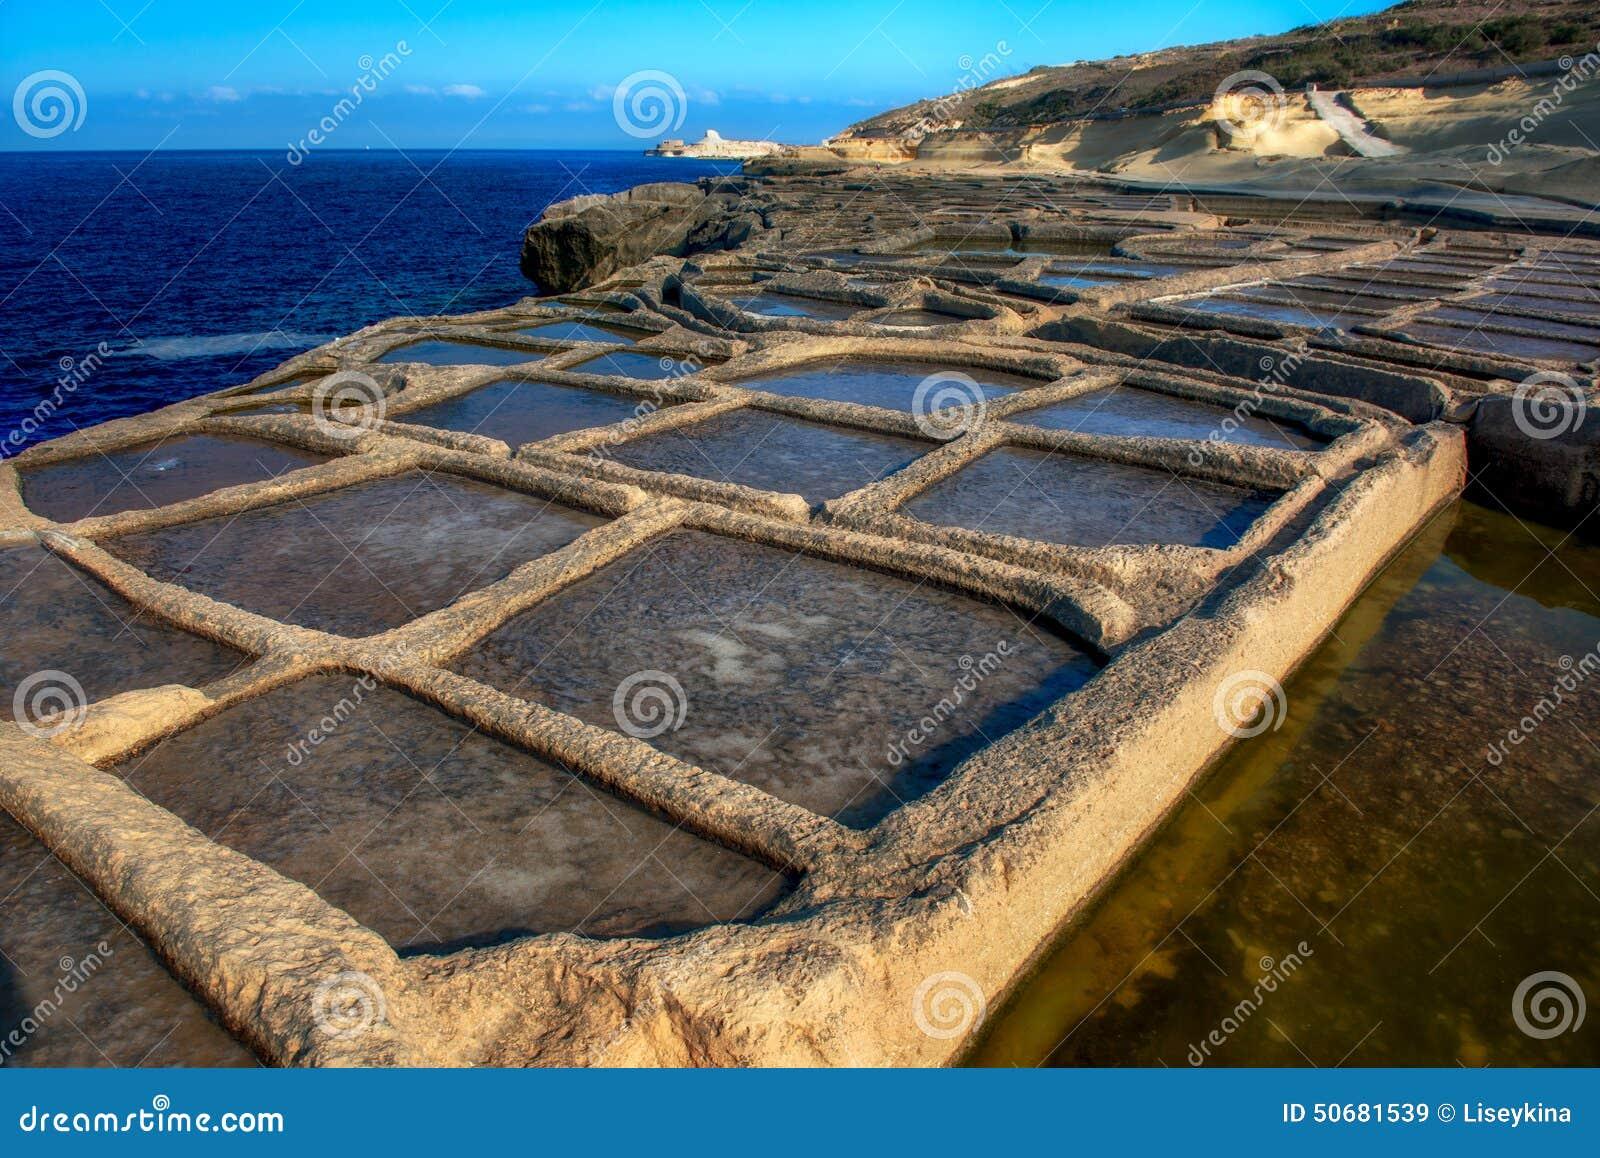 Download 在戈佐岛海岛上的盐单块玻璃 库存图片. 图片 包括有 盐水, 海岛, 矿物, 海运, 开放, 潮汐, 平底锅 - 50681539